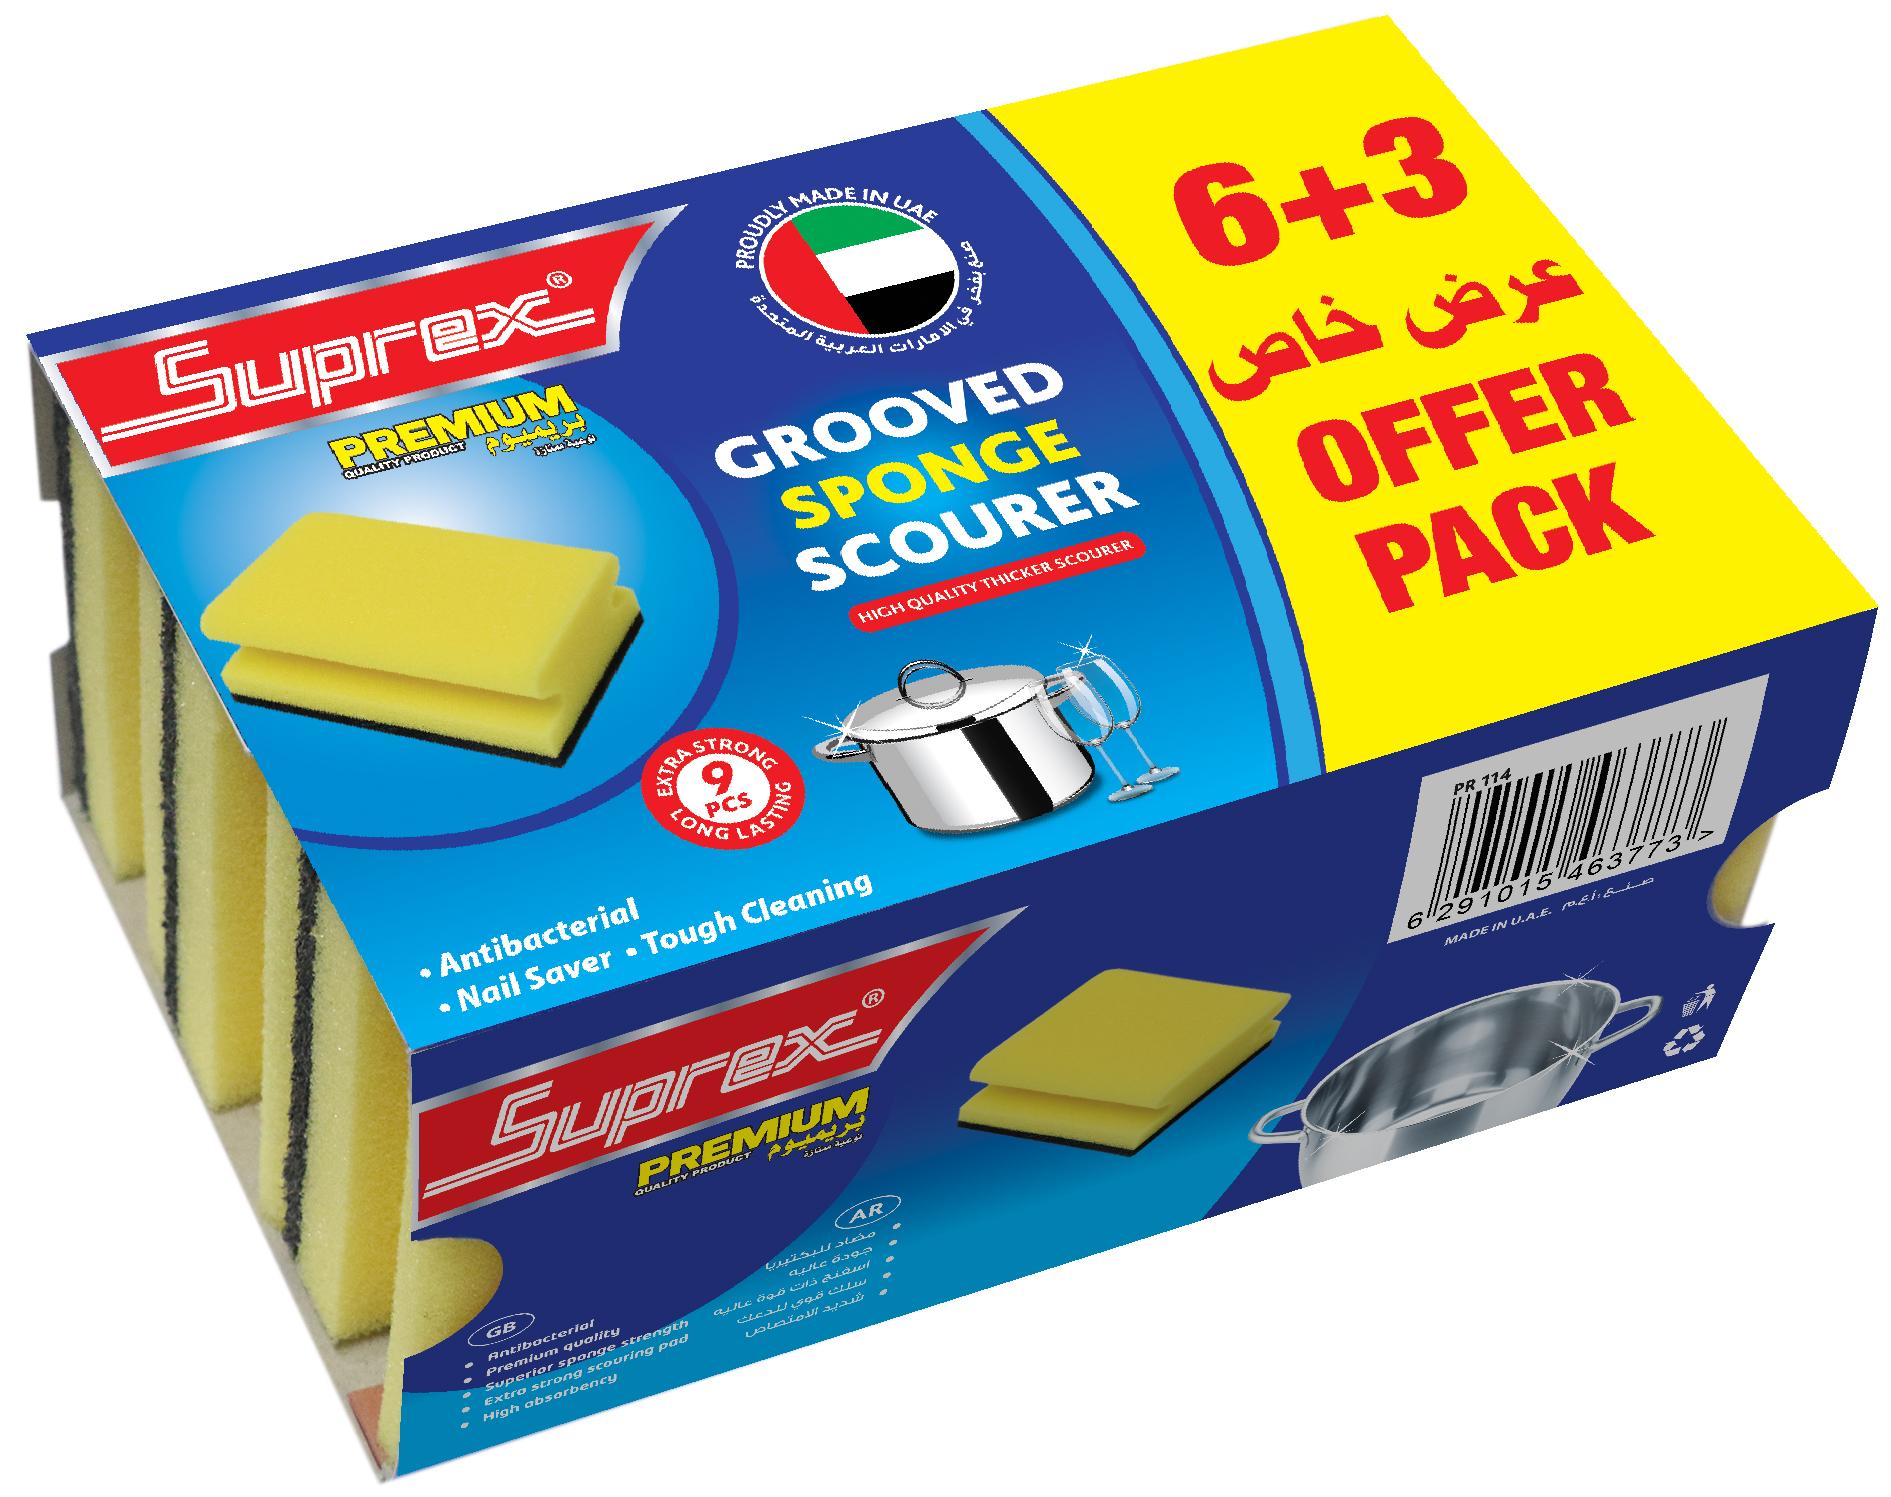 Grooved Sponge Scourer -  6+3 Offer Pack